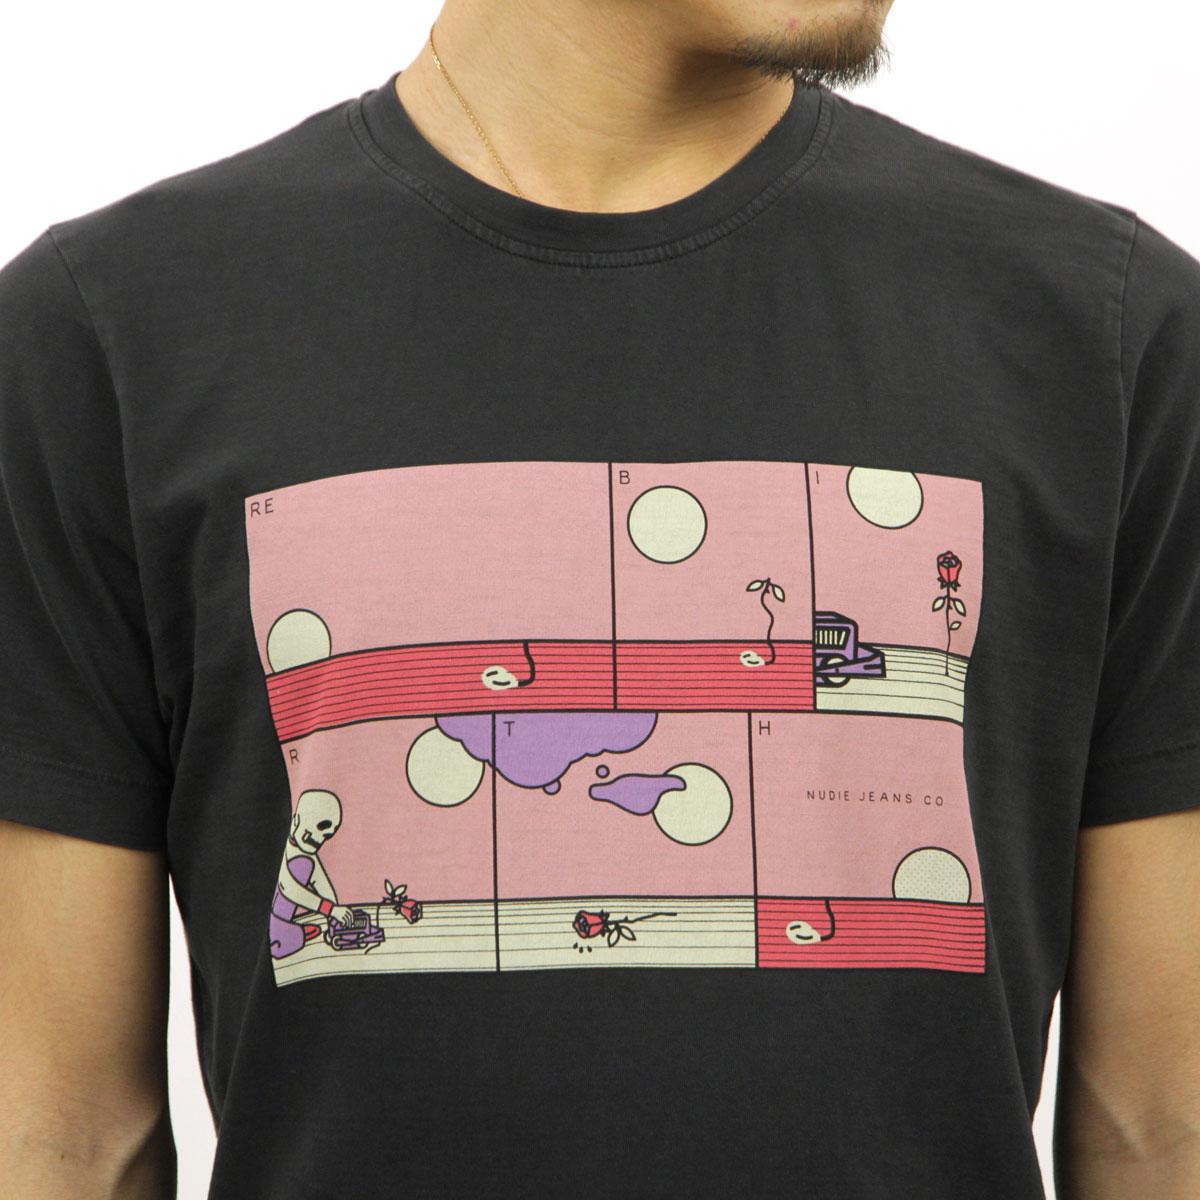 ヌーディージーンズ Tシャツ 正規販売店 Nudie Jeans 半袖Tシャツ ROY CREW TEE SHIRT REBIRTH BLACK B01 131694 4039 A62B B1C C1D D1E E13F